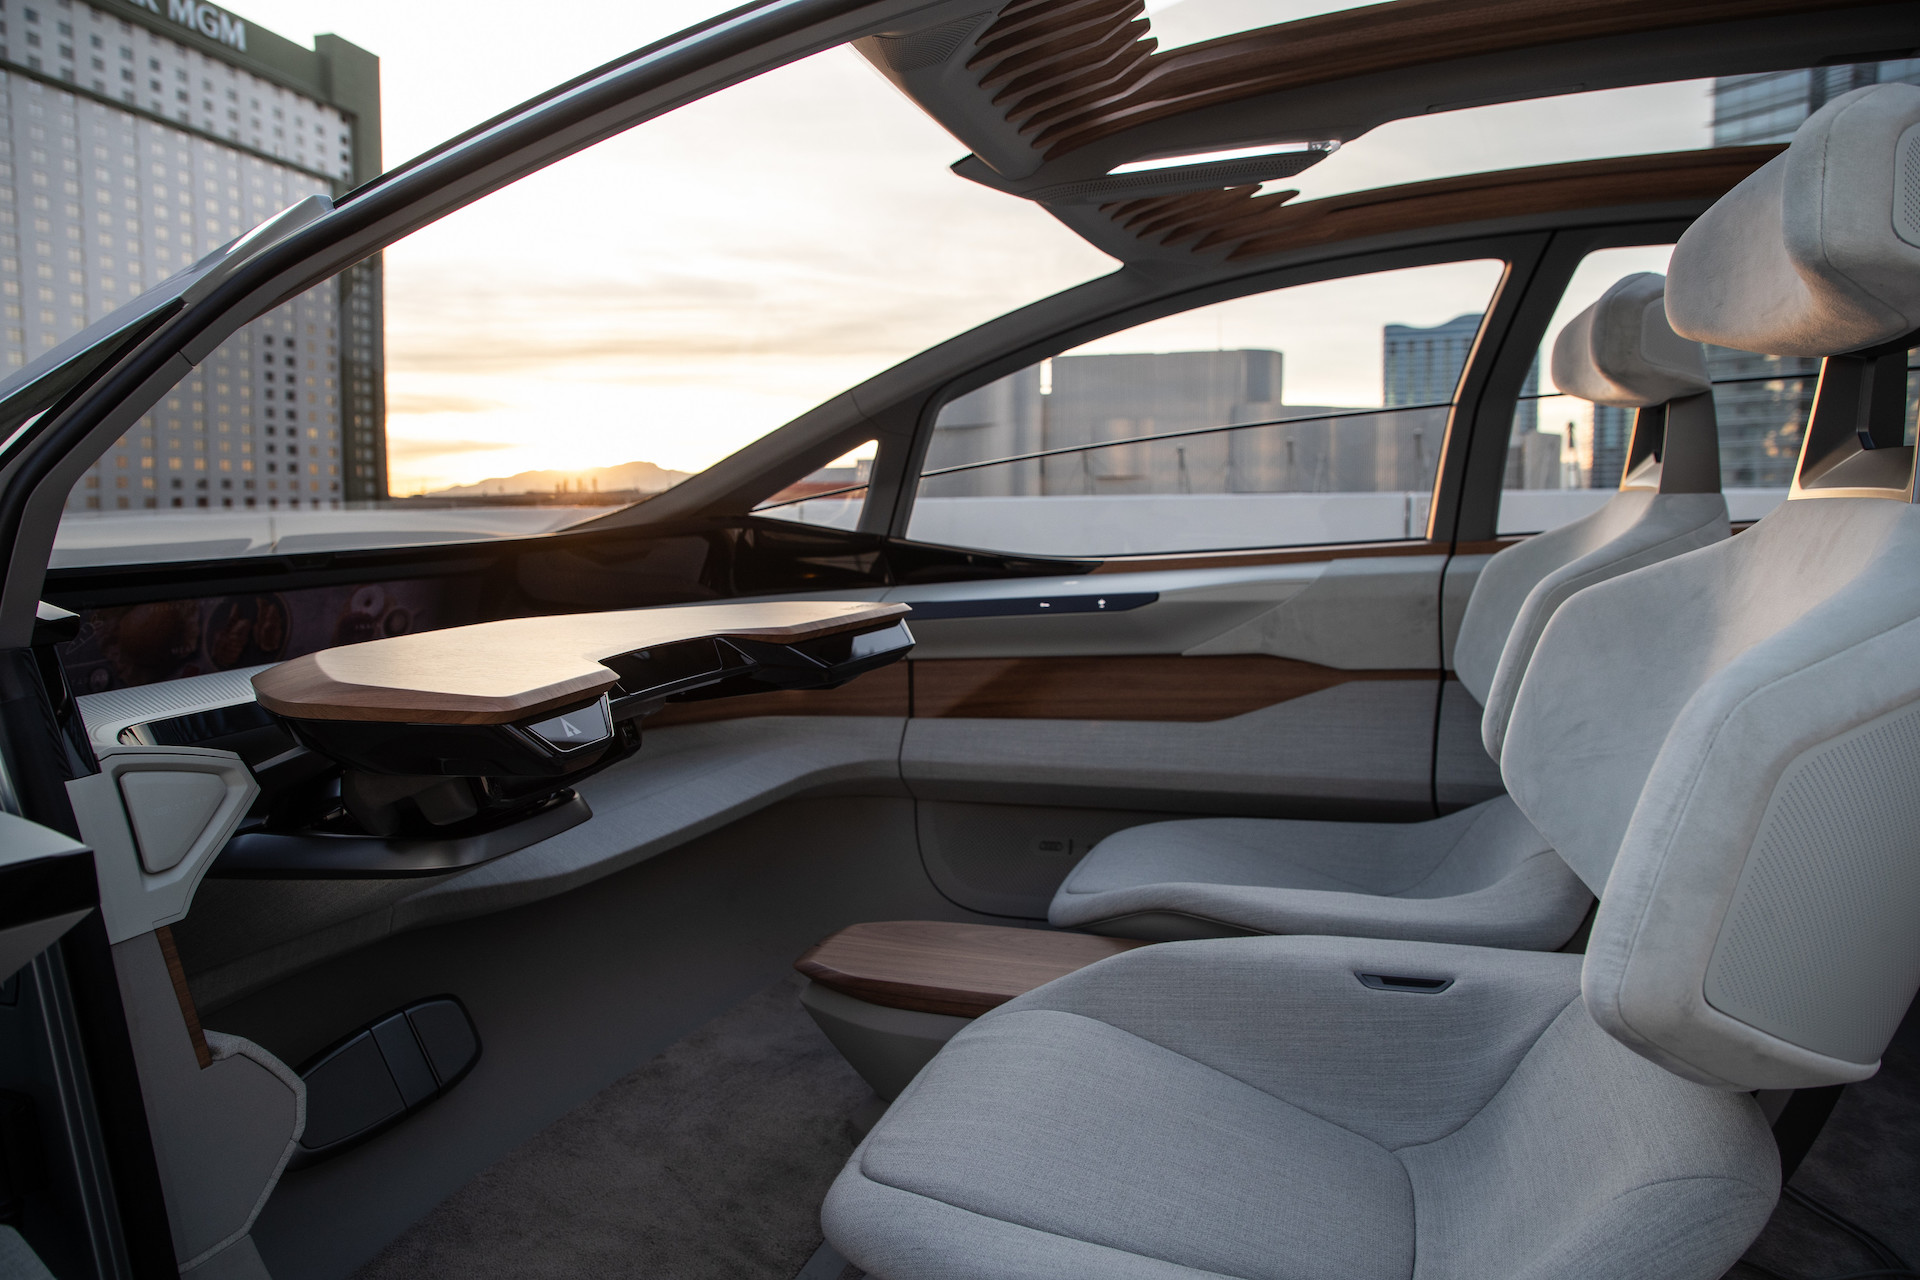 Audi auf der CES 2020: Die Neuheiten und Zukunftskonzepte in Las Vegas 3